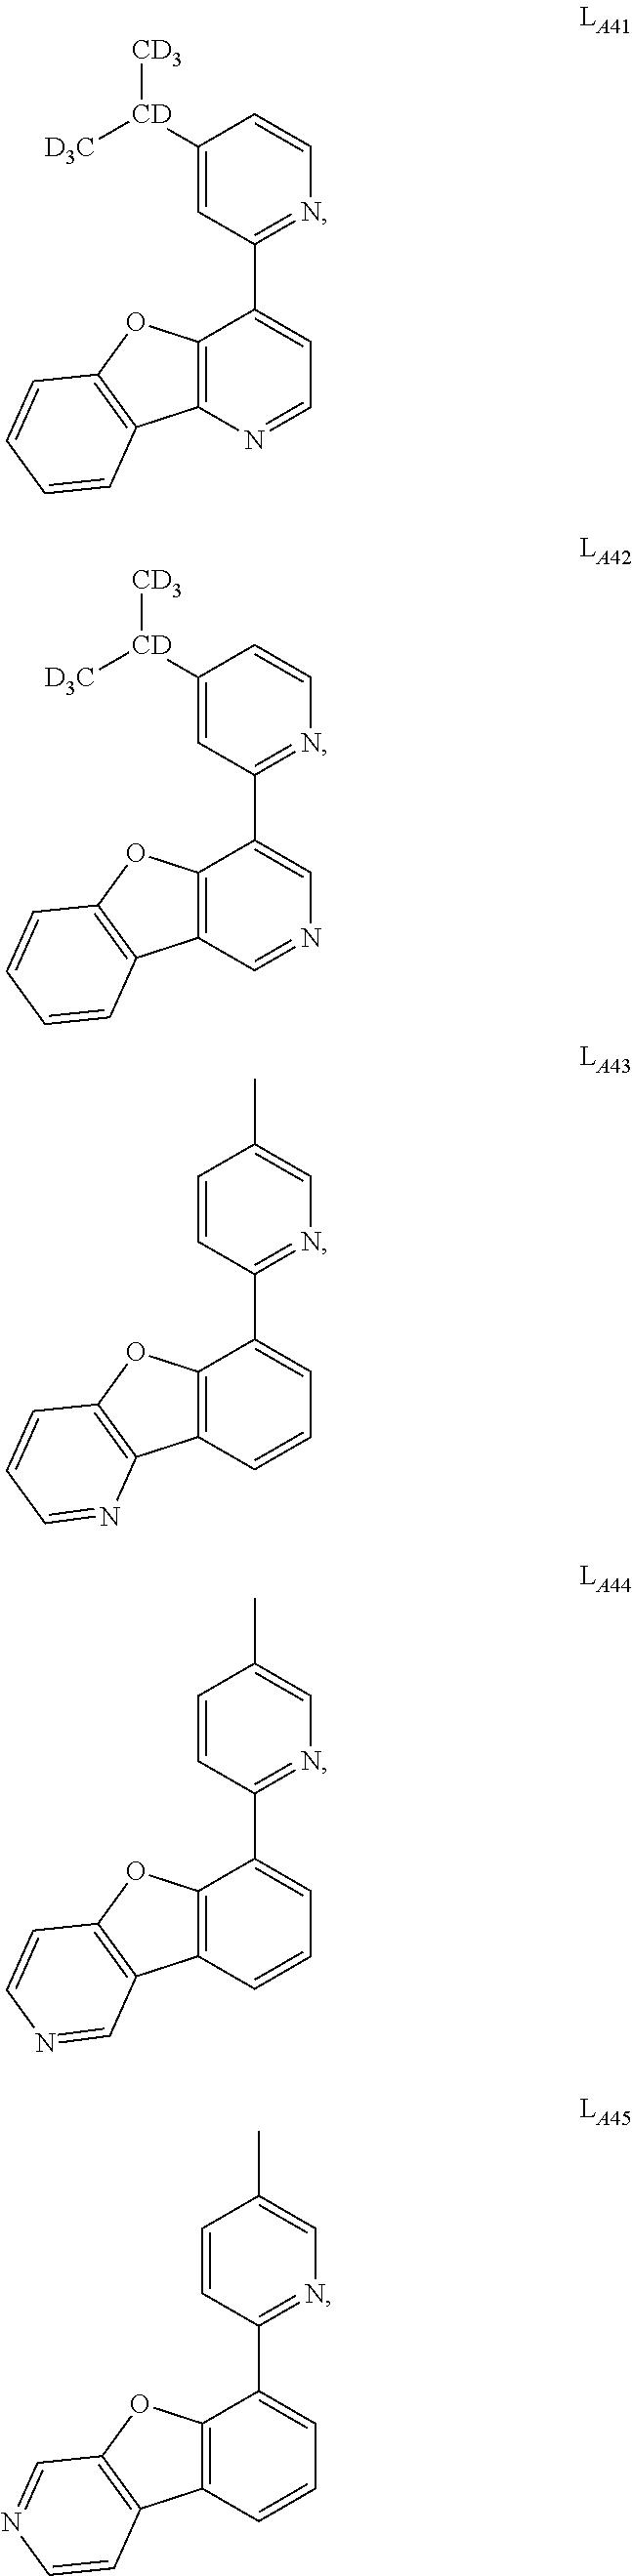 Figure US09634264-20170425-C00012